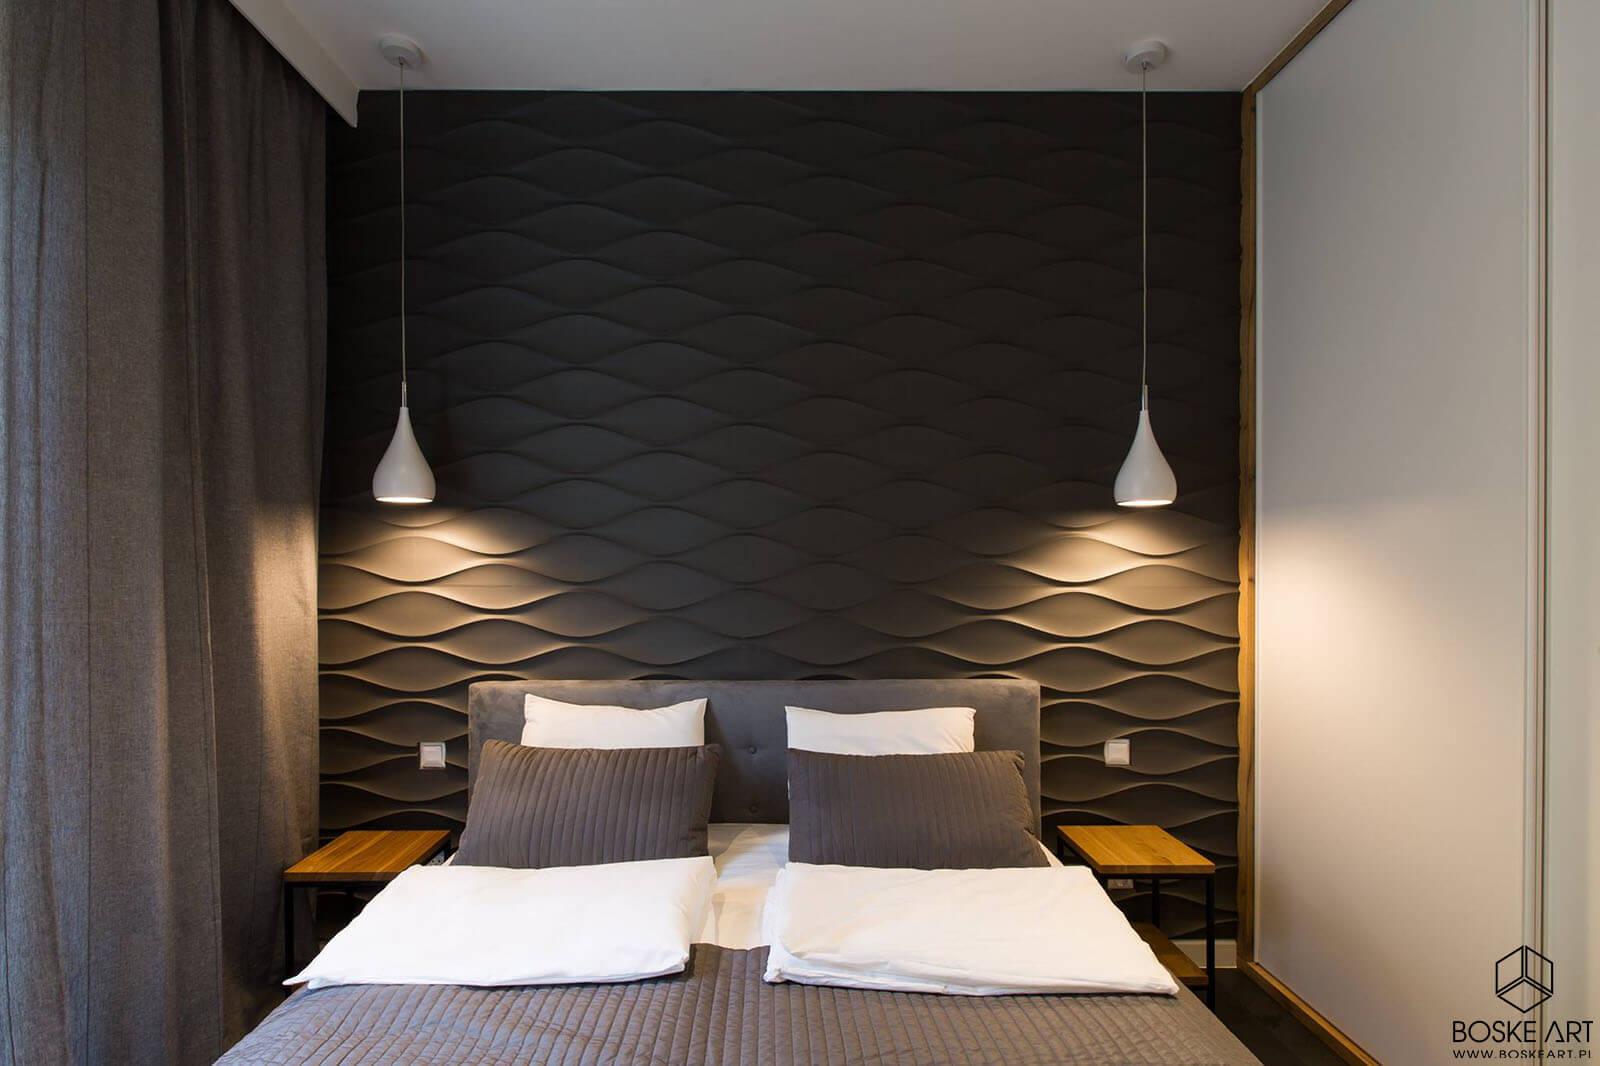 11_apartamenty_poznan_boske_art_projektowanie_aranzacja_architektura_wnetrz_natalia_robaszkeiwicz-min